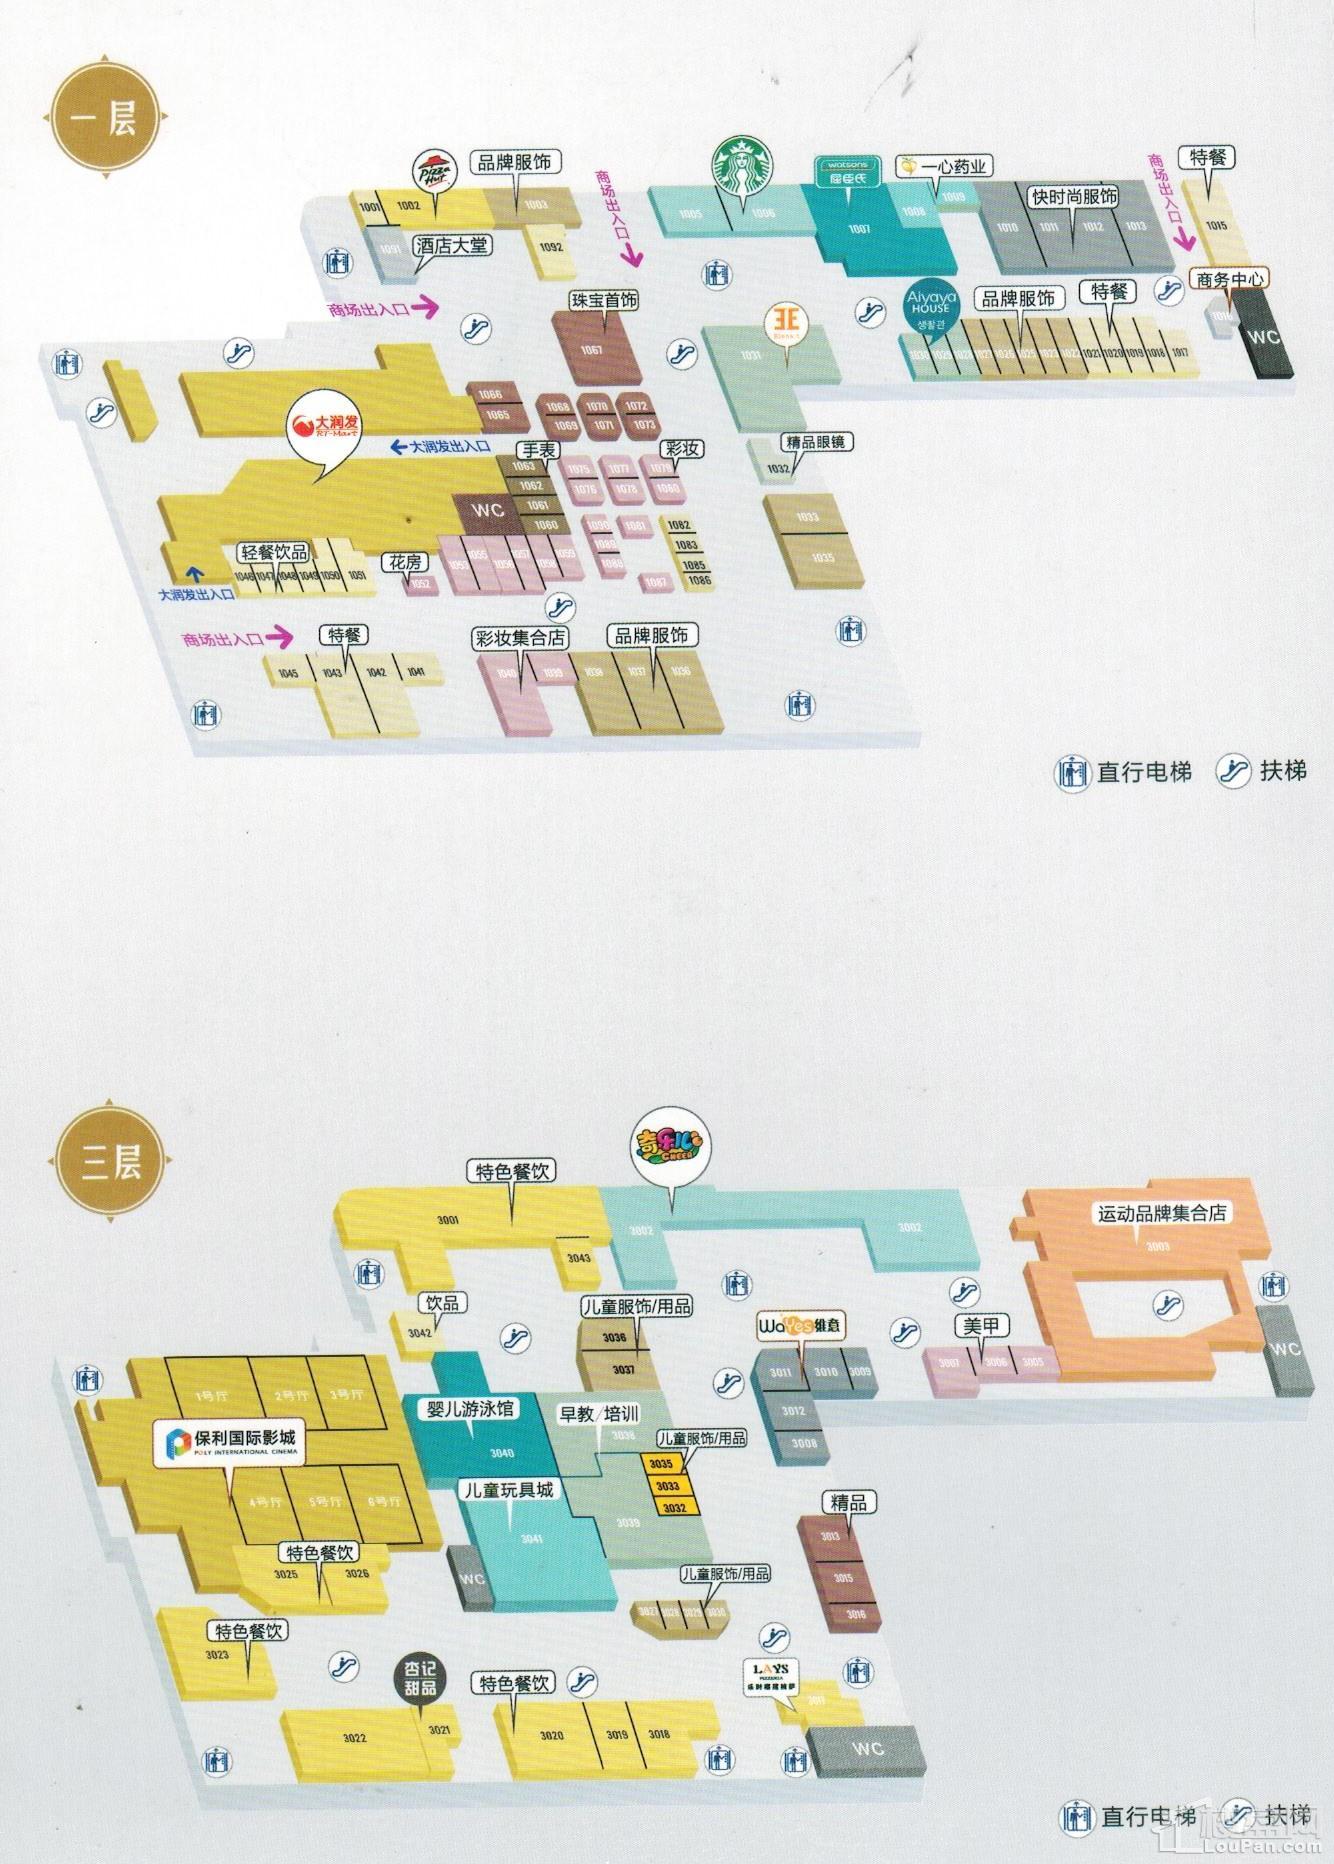 和佳商业广场(新大润发) 户型图